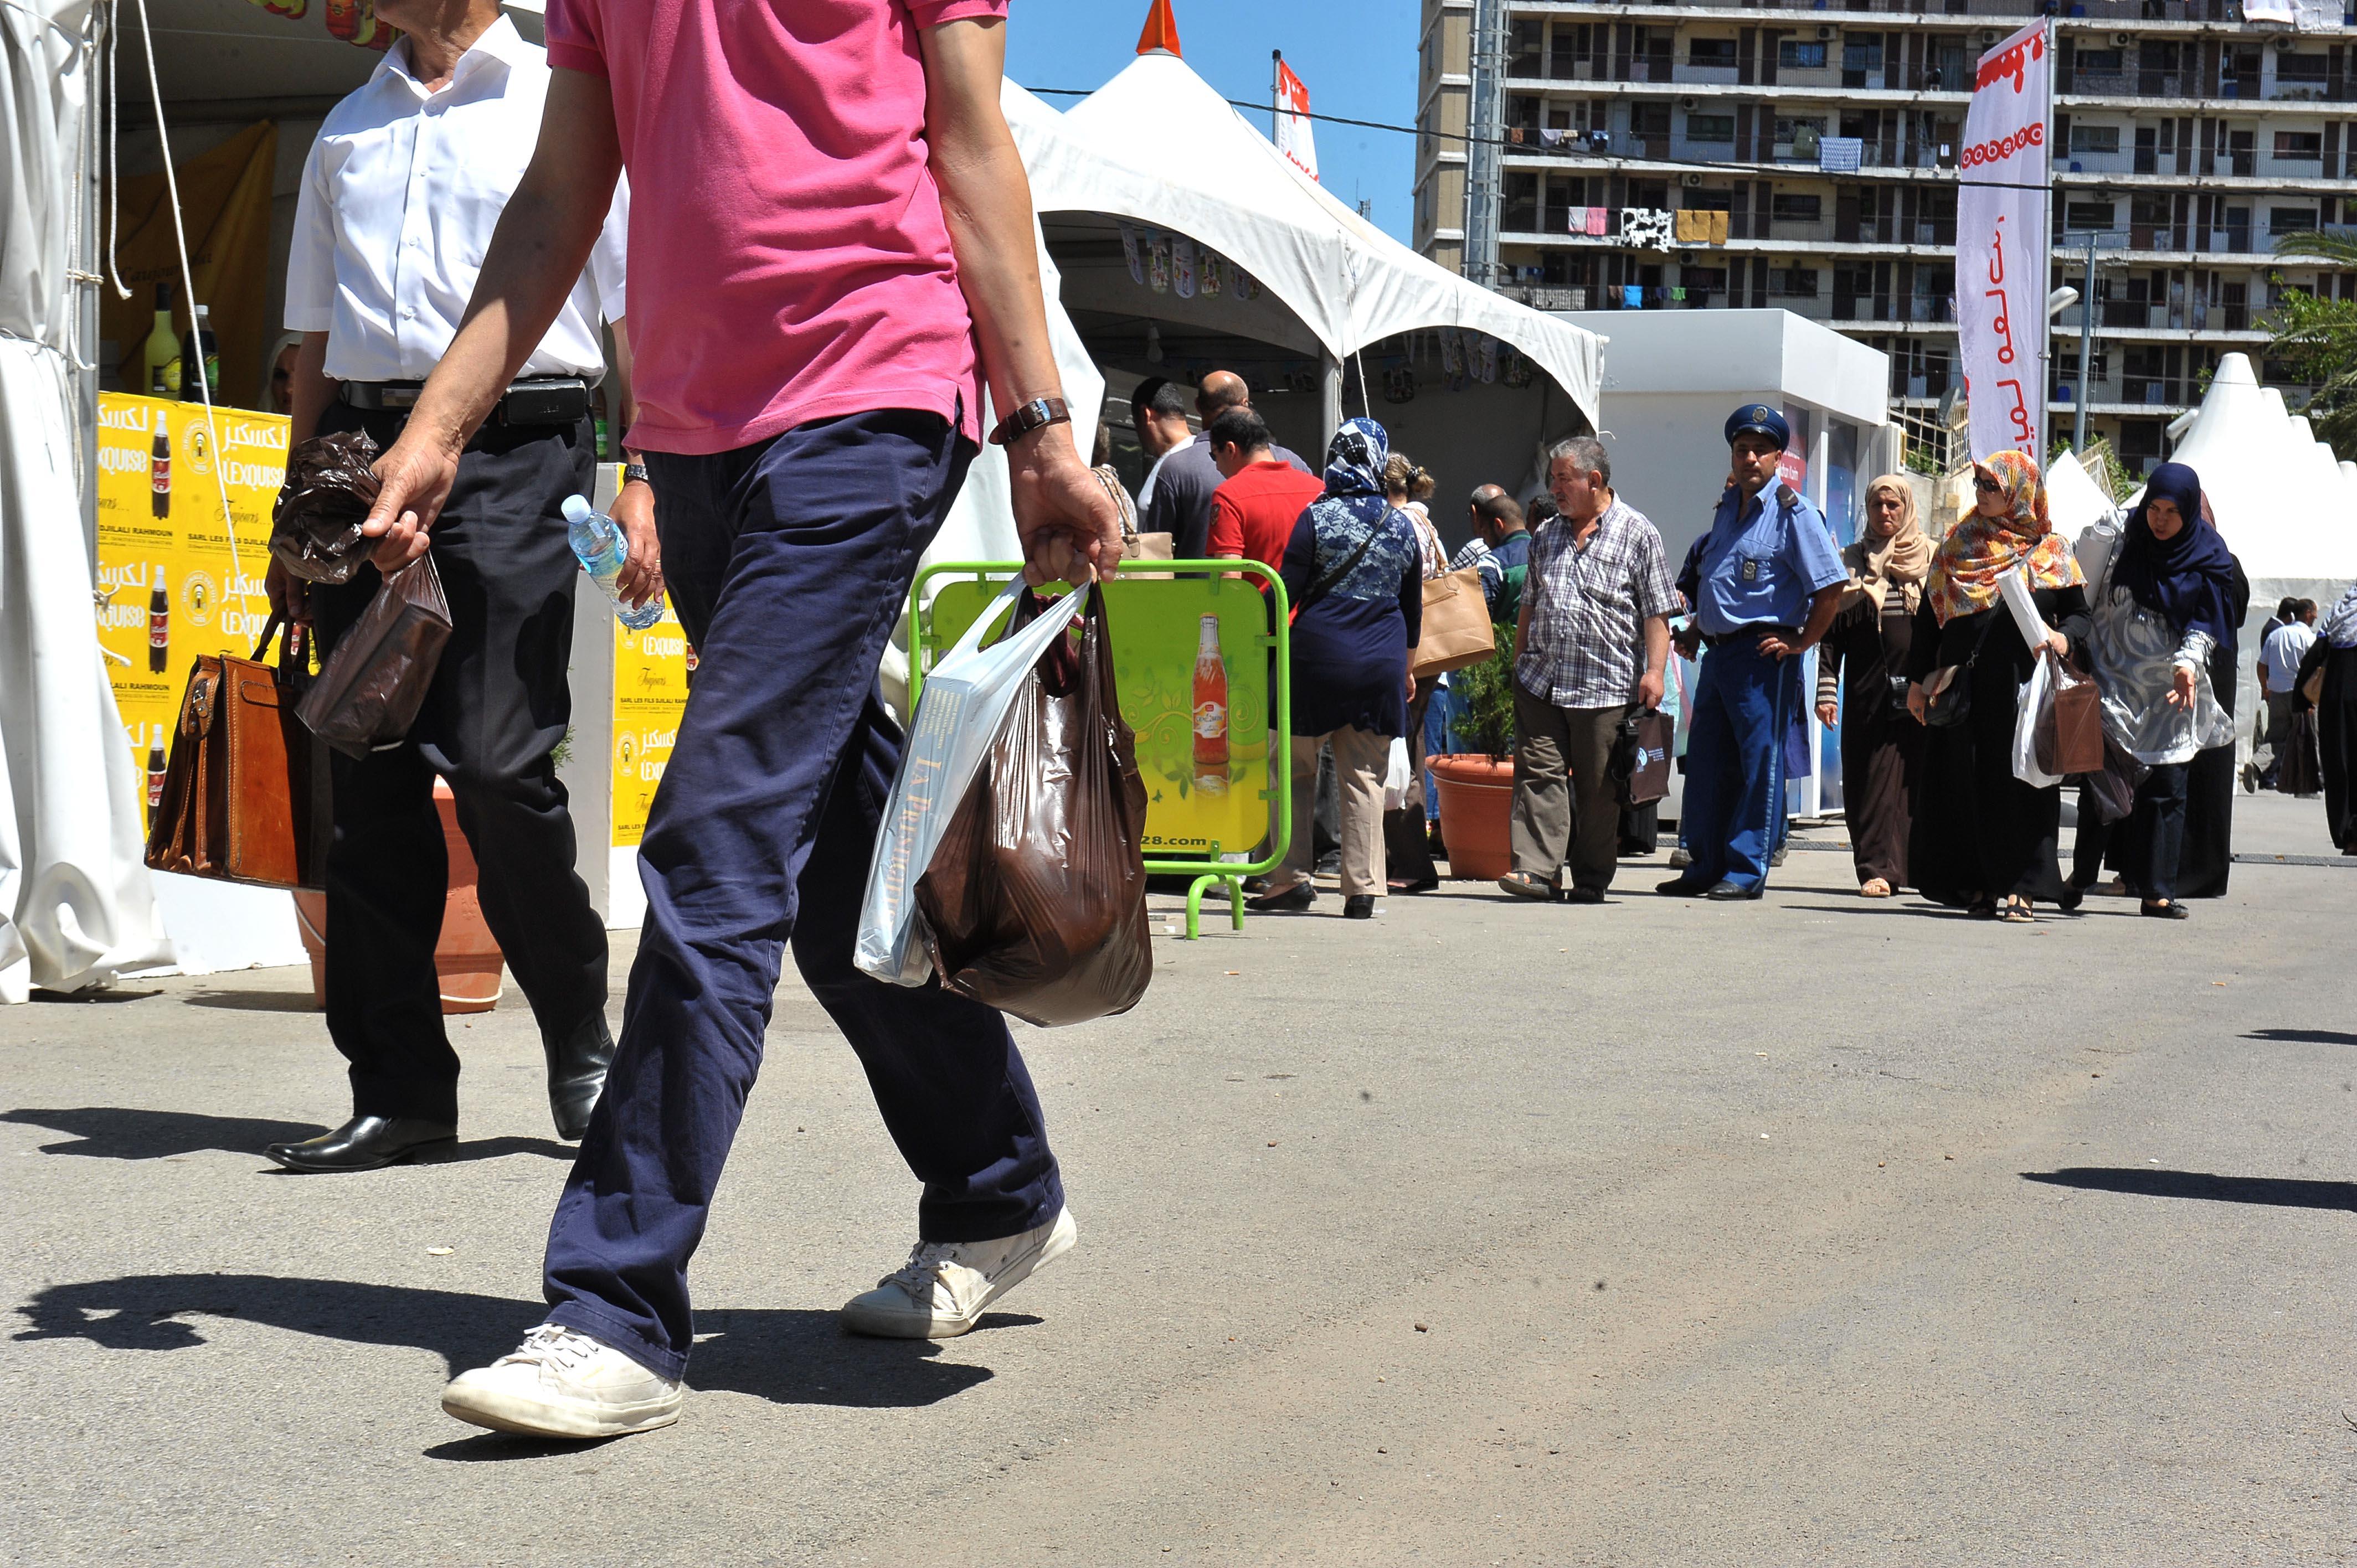 La situation économique n'est guère rassurante pour la population. New Press